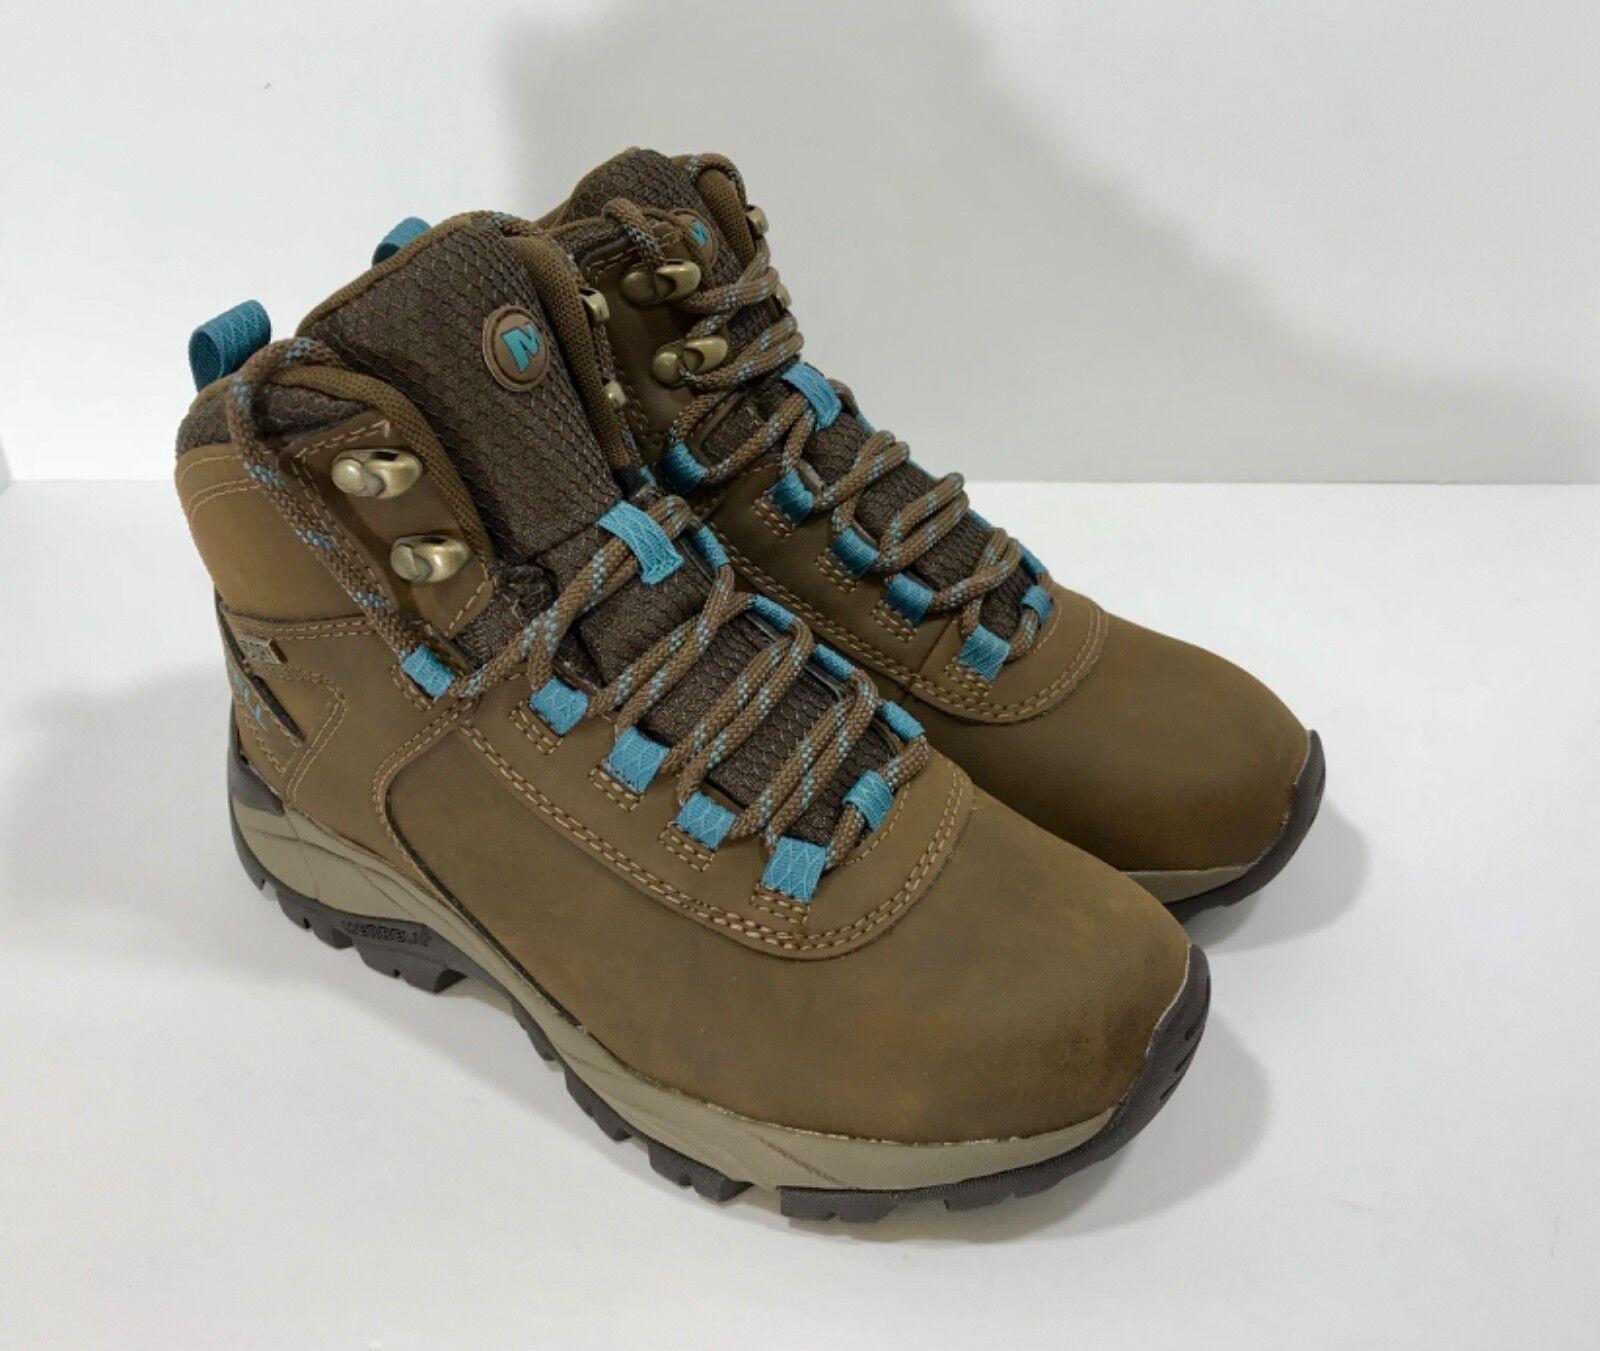 Nuevo  Merrell Vego Mediados de para mujer Impermeable botas De Piel Azul Oscuro Tierra